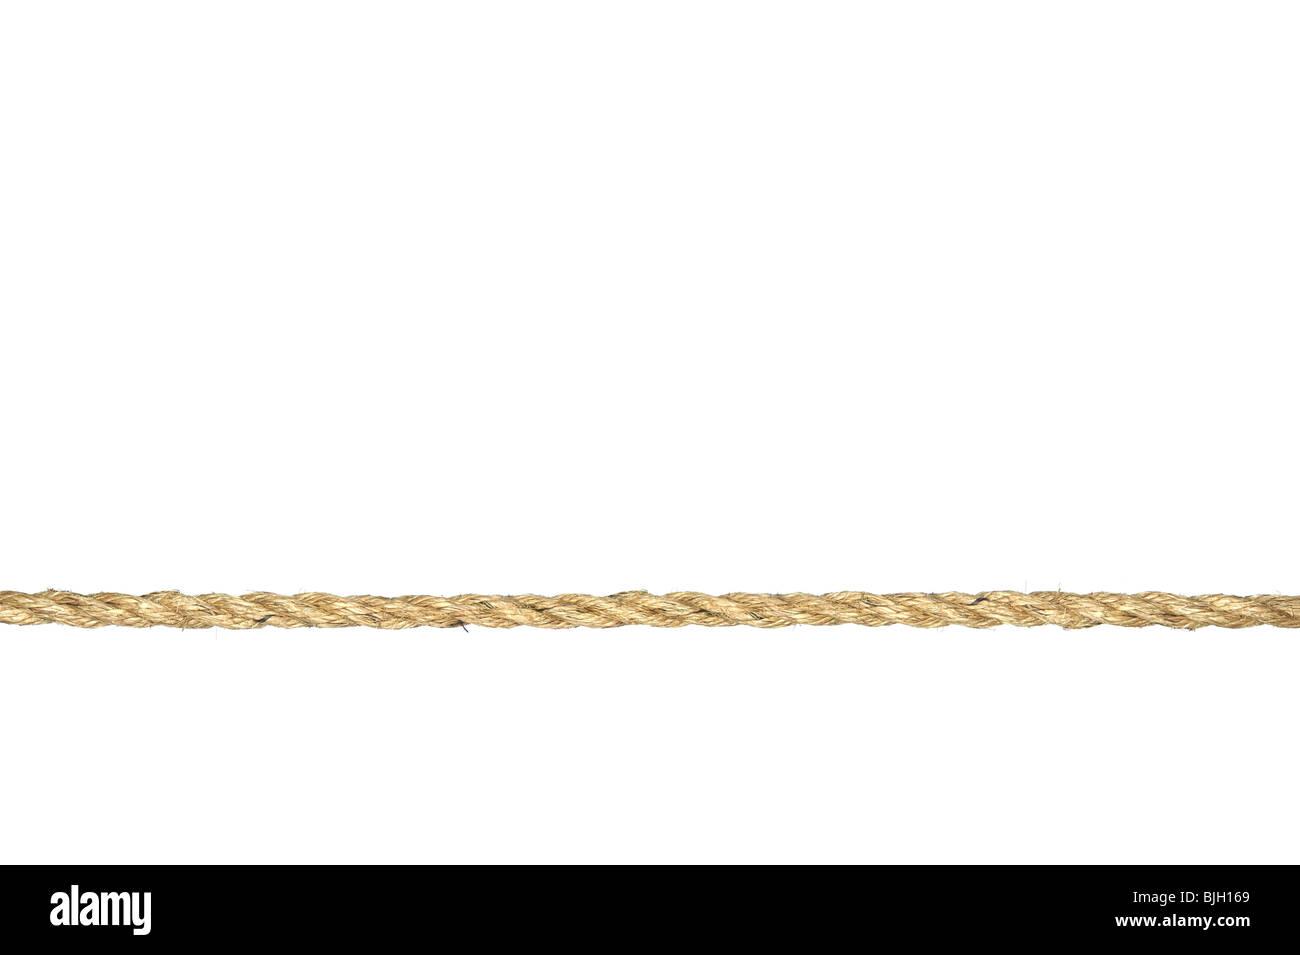 Una línea recta de cuerda de manila trenzado aislado sobre un fondo blanco. Imagen De Stock